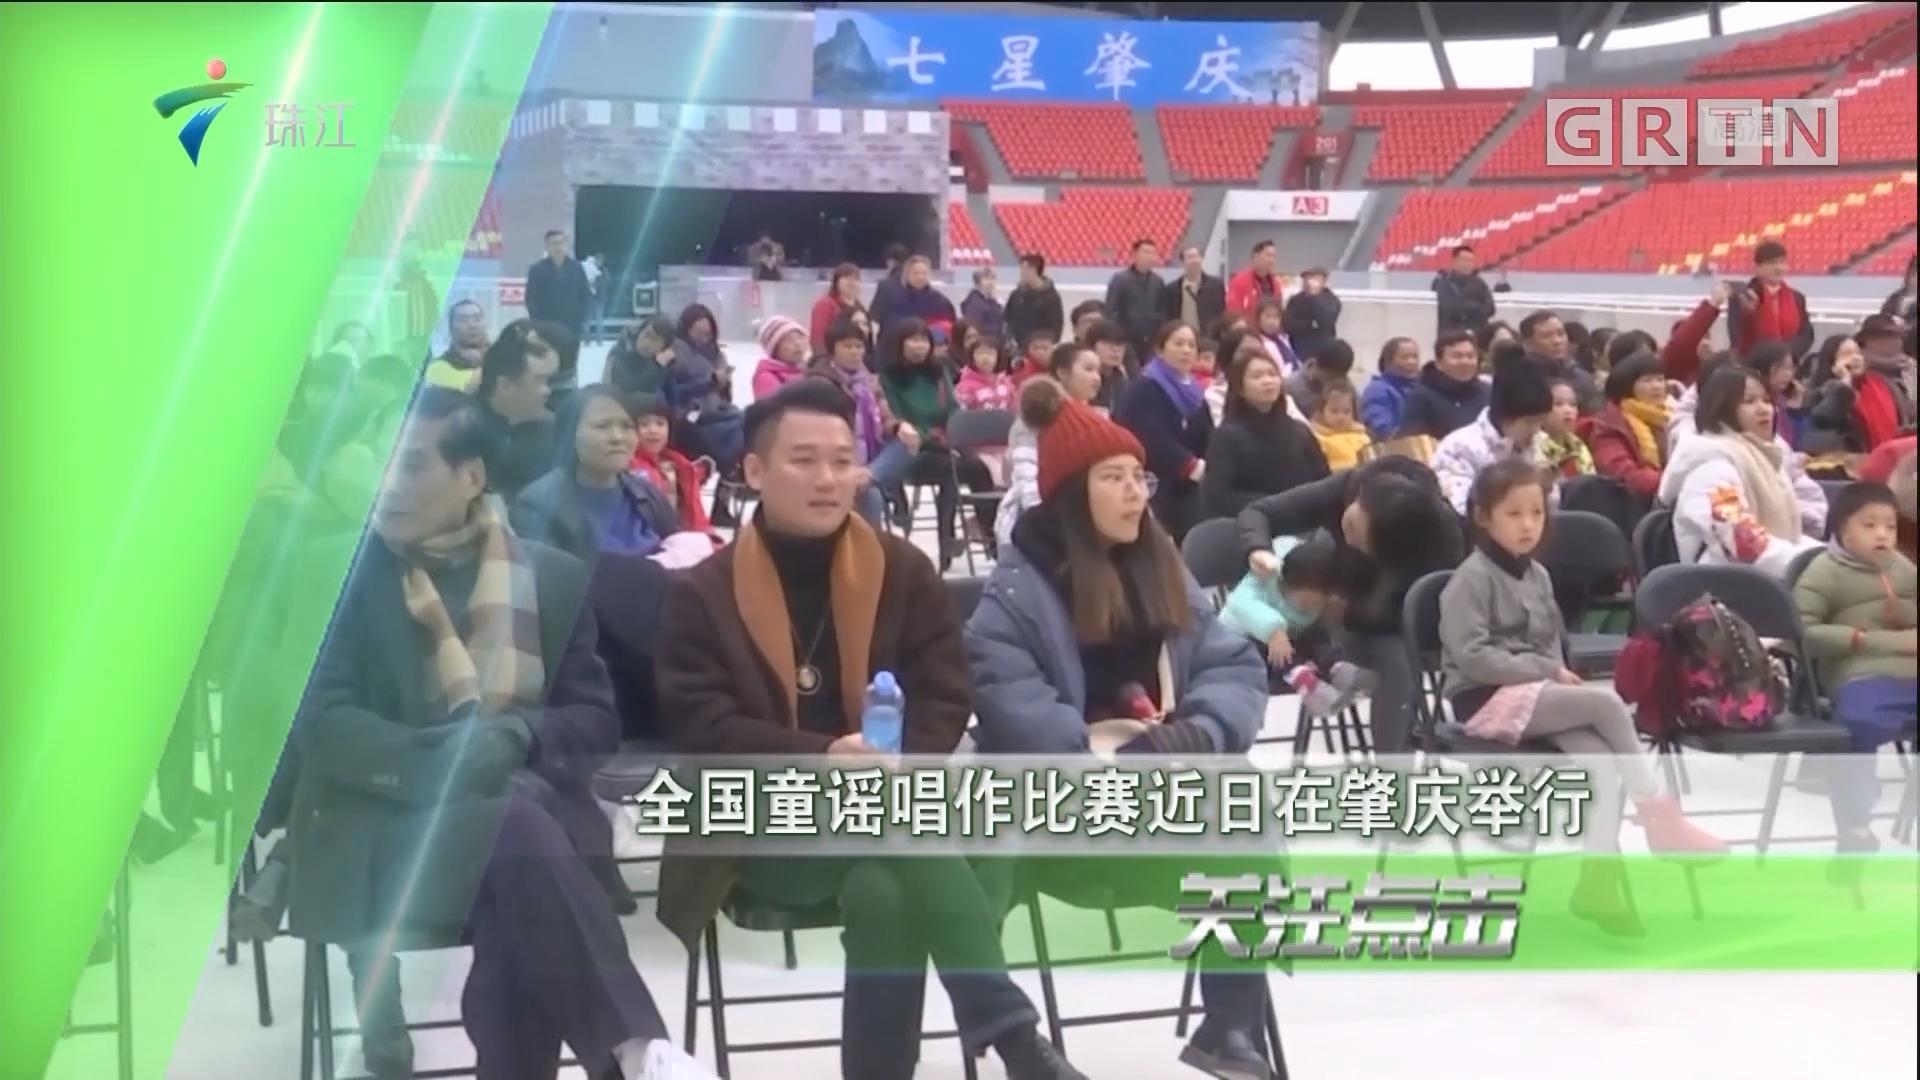 全国童谣唱作比赛近日在肇庆举行